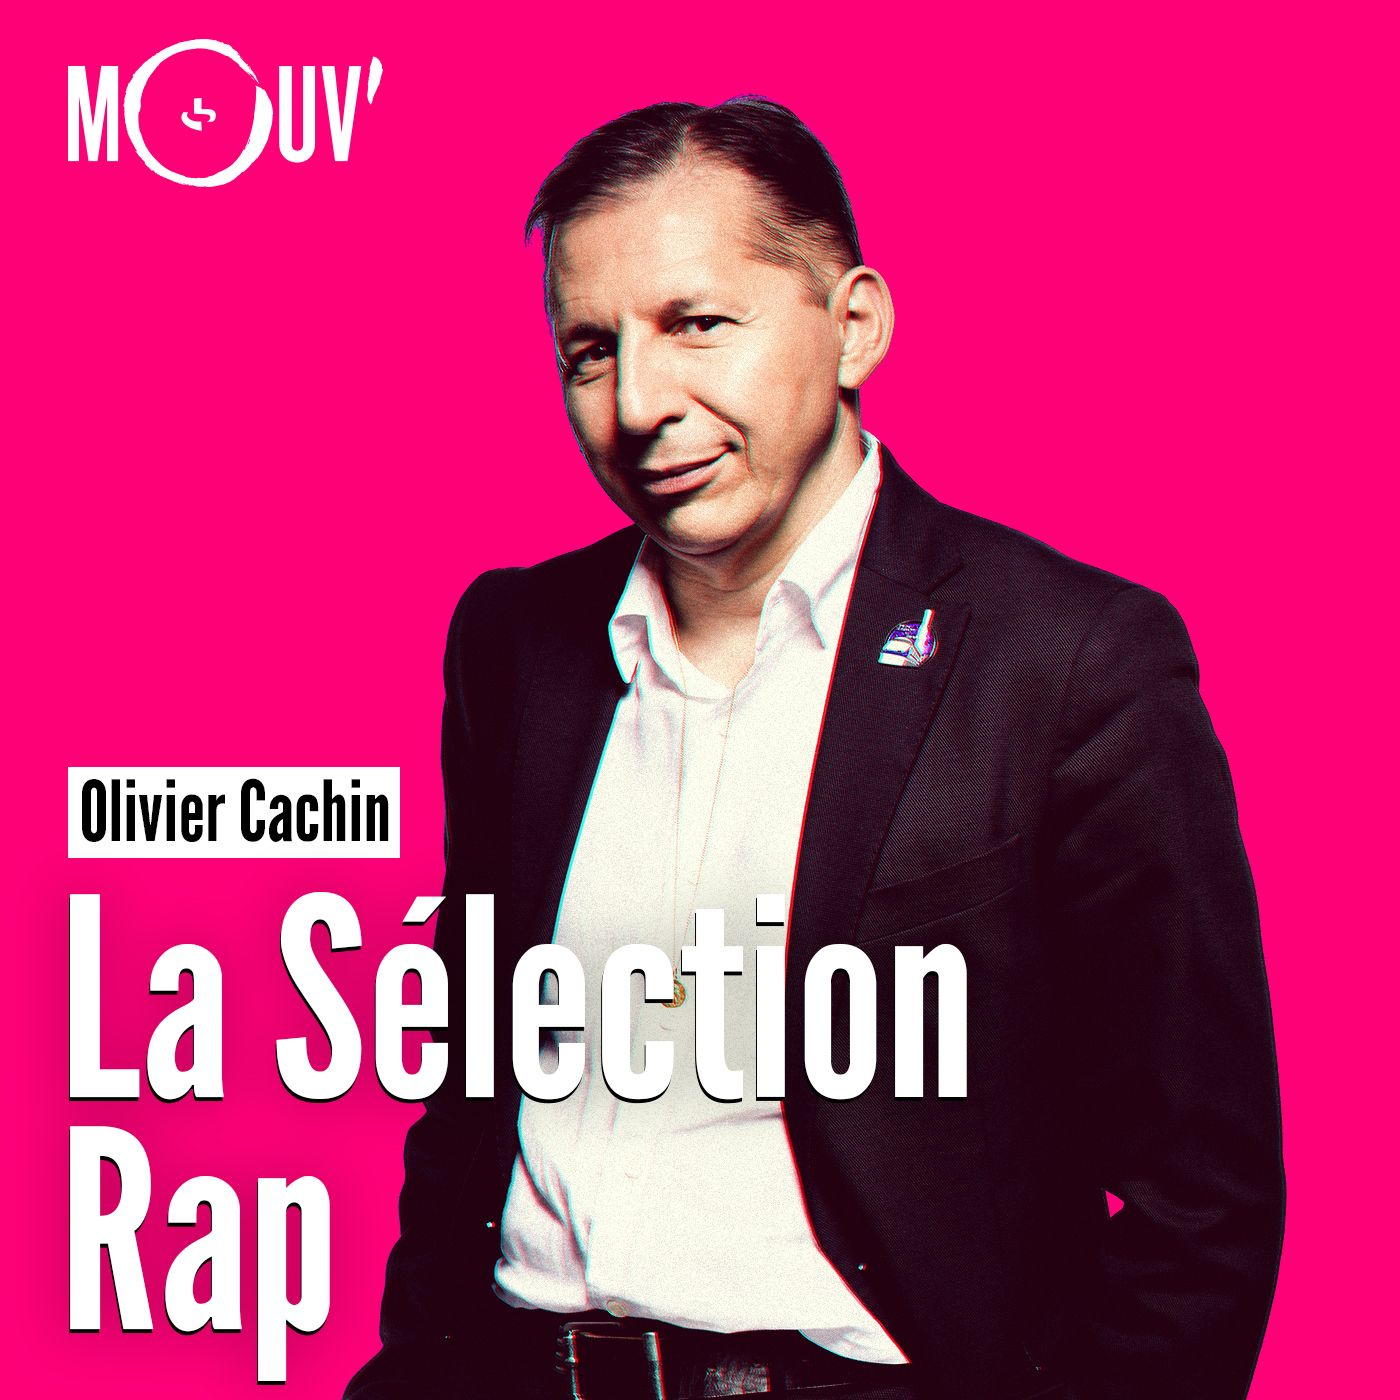 La sélection Rap - Olivier Cachin:Mouv'